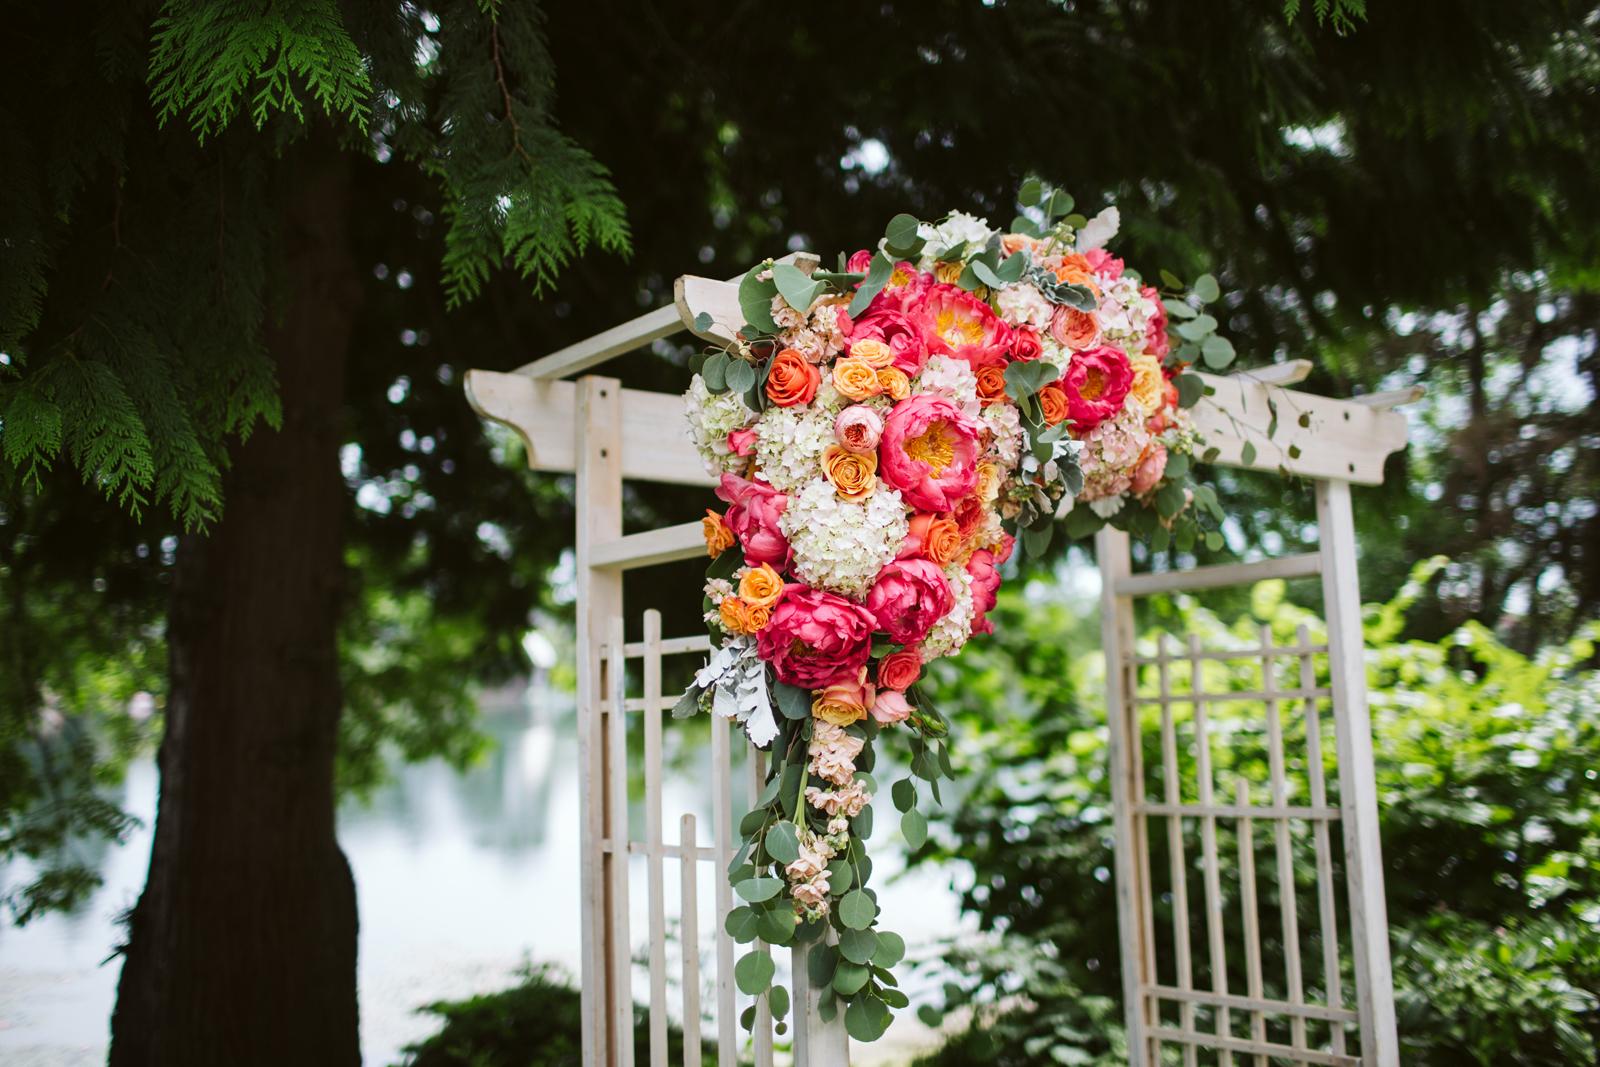 023-daronjackson-gabby-alec-wedding.jpg